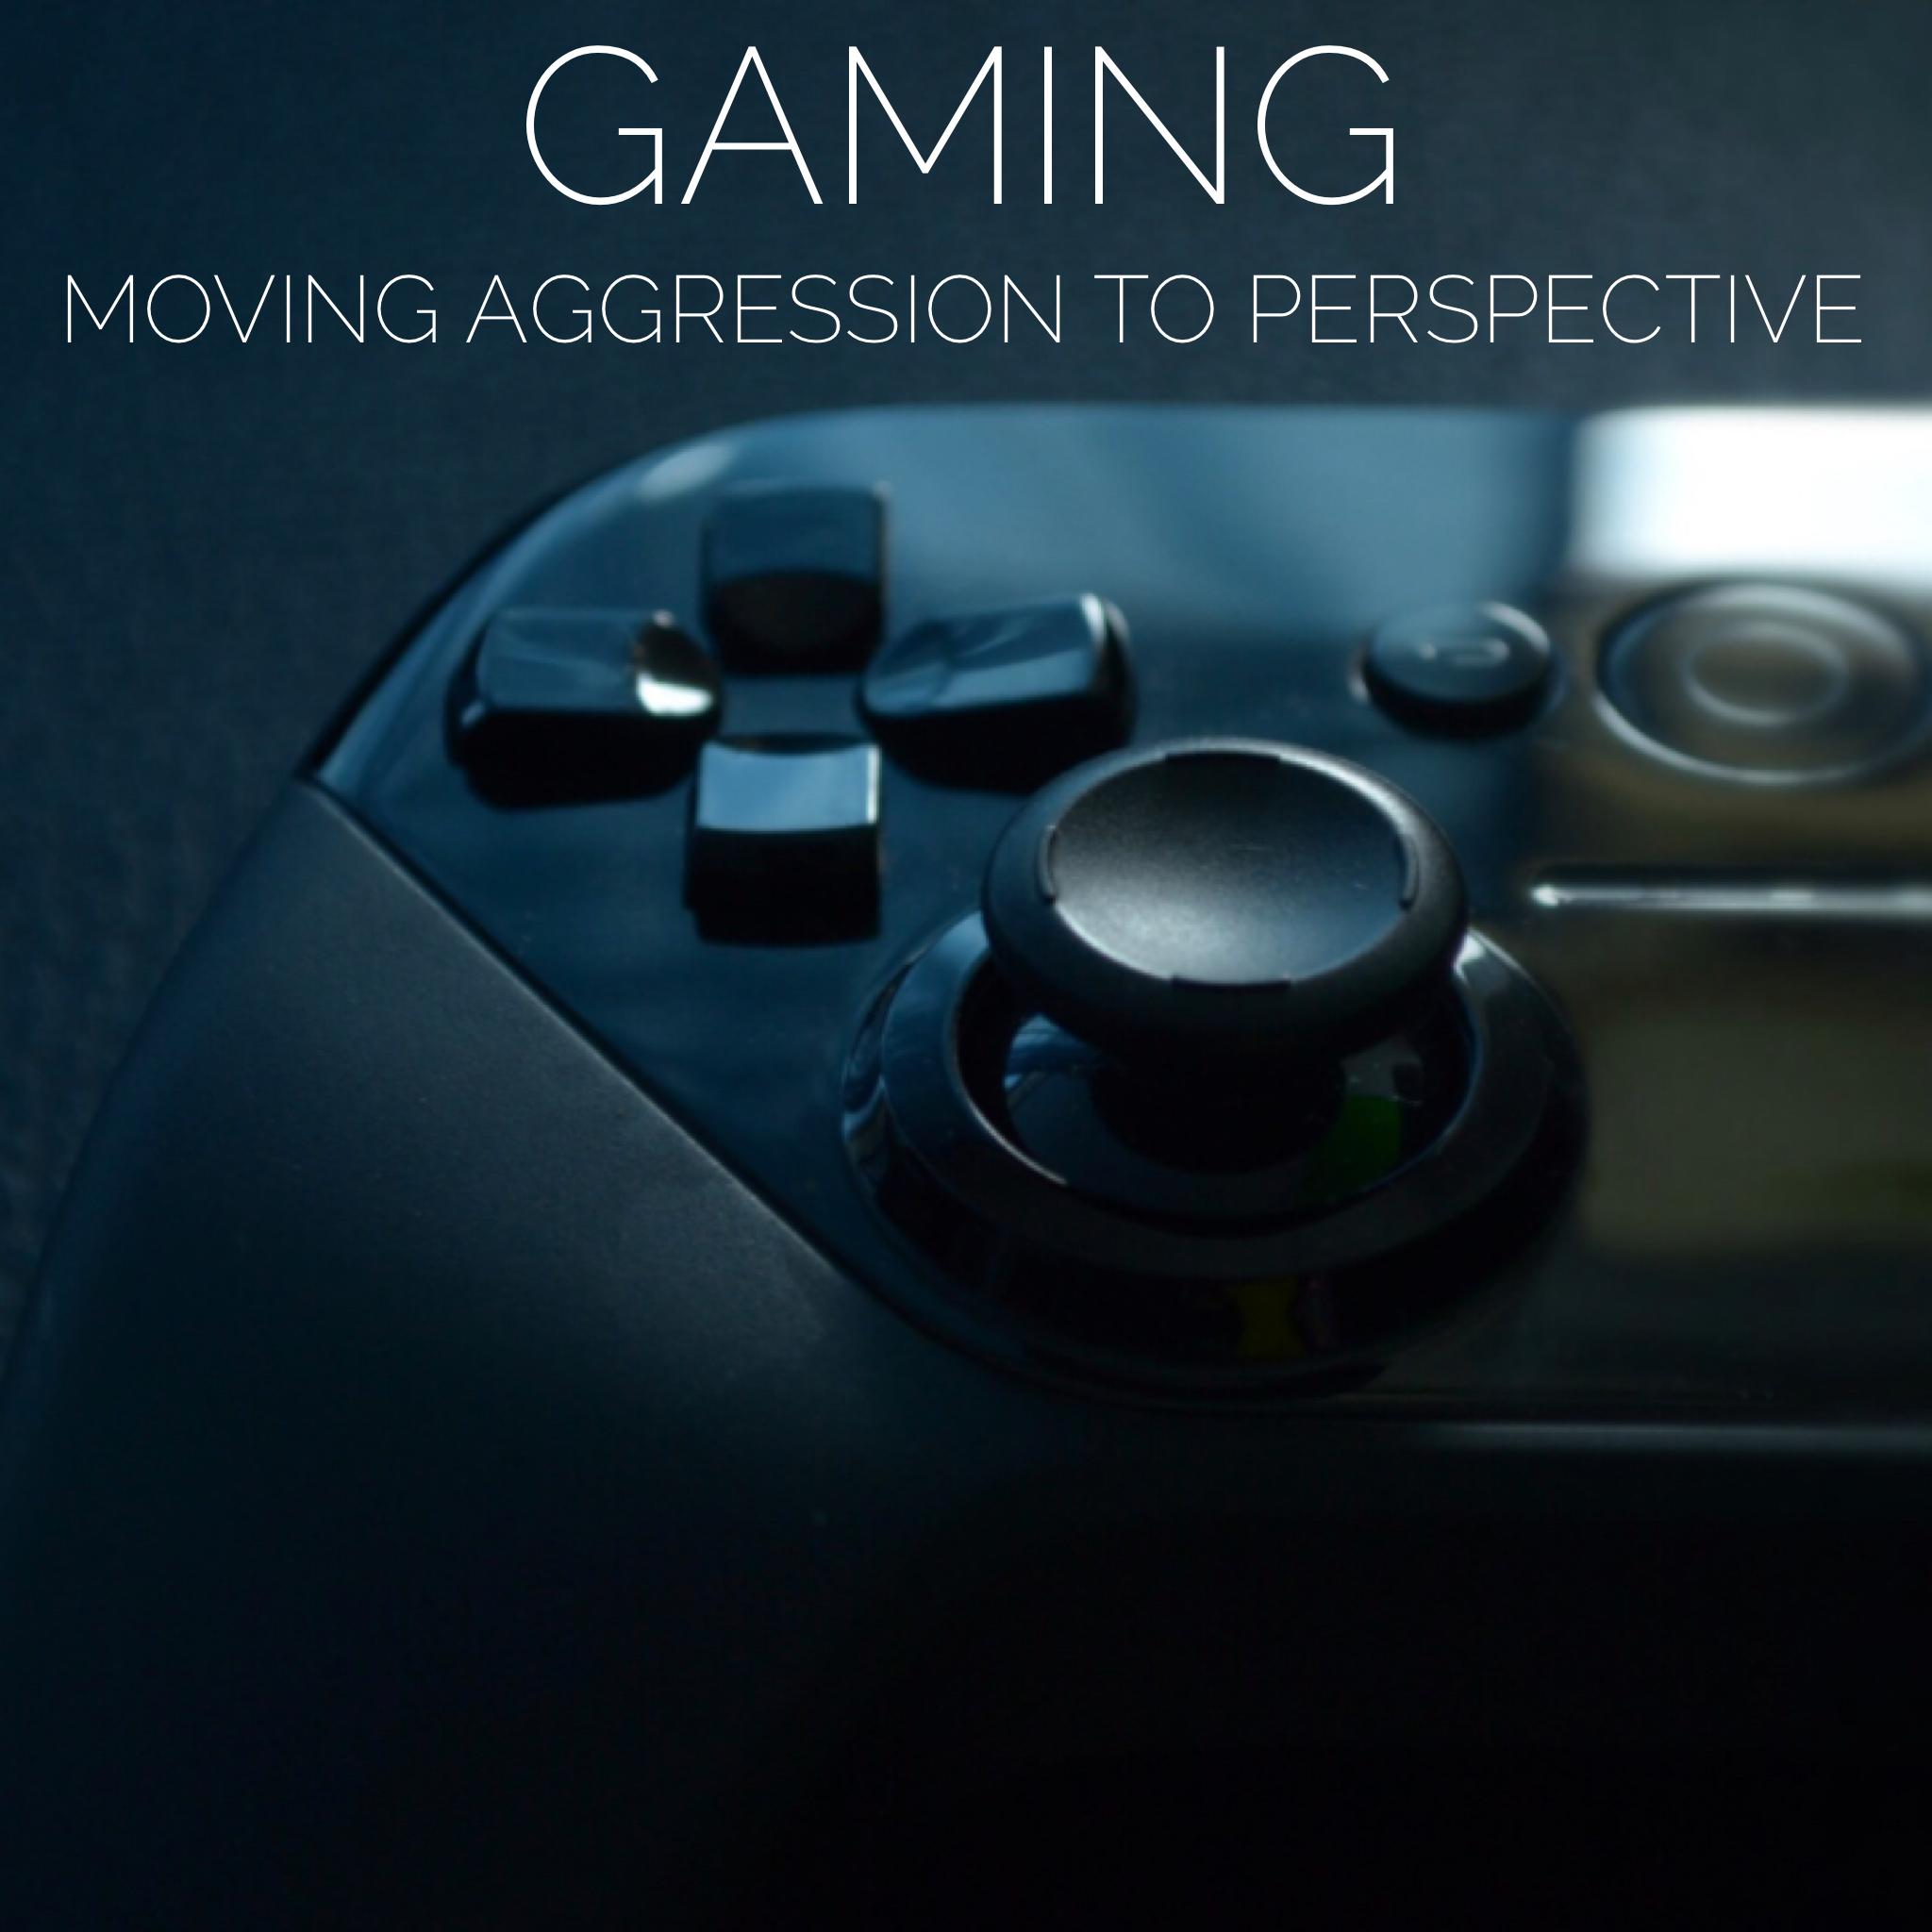 gaming.PNG